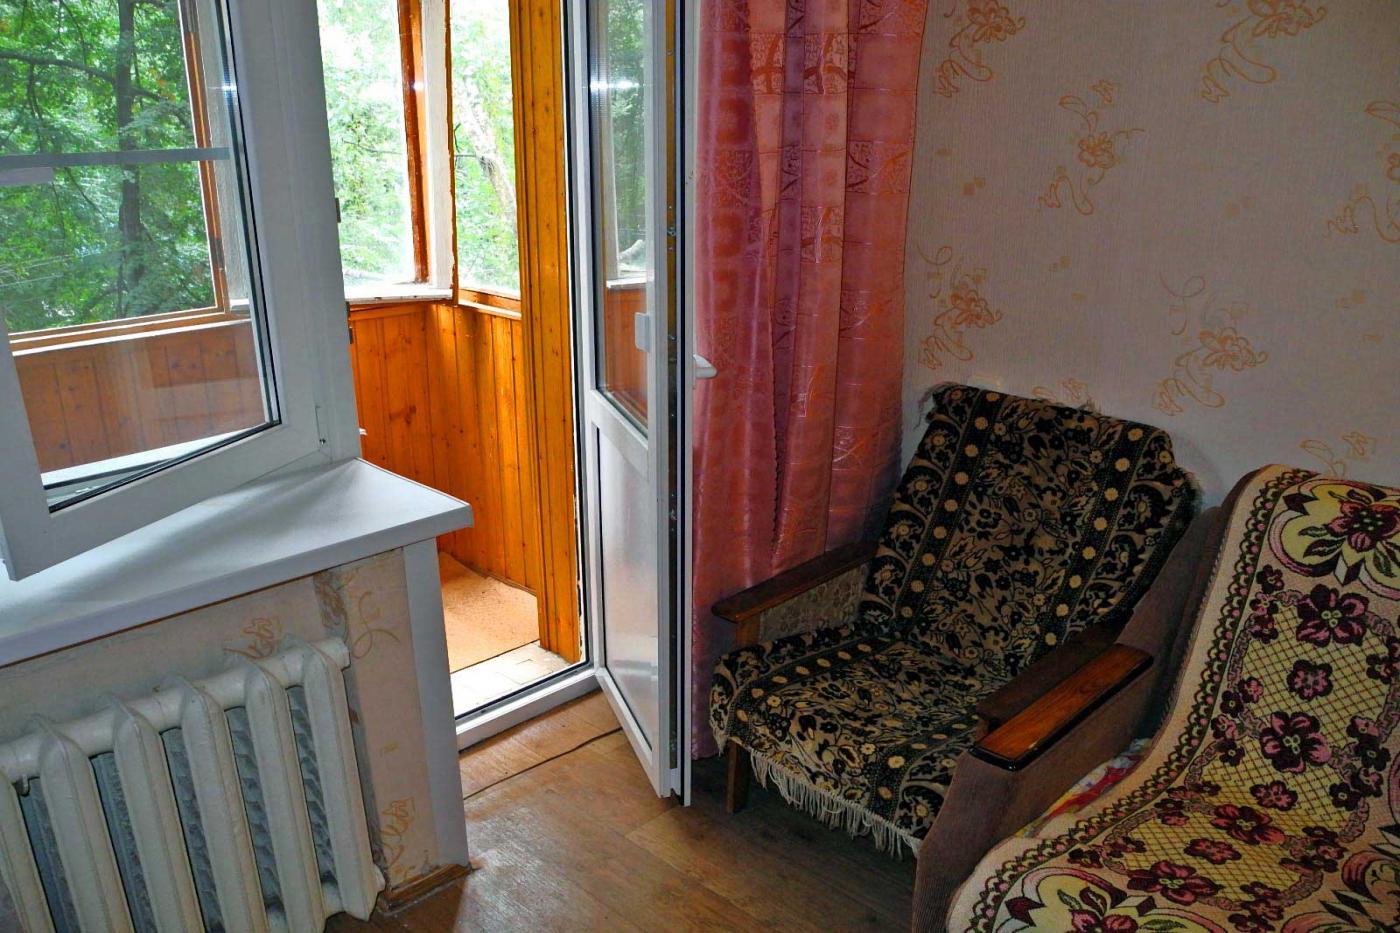 1-комнатная квартира посуточно (вариант № 3858), ул. Кольцовская улица, фото № 3